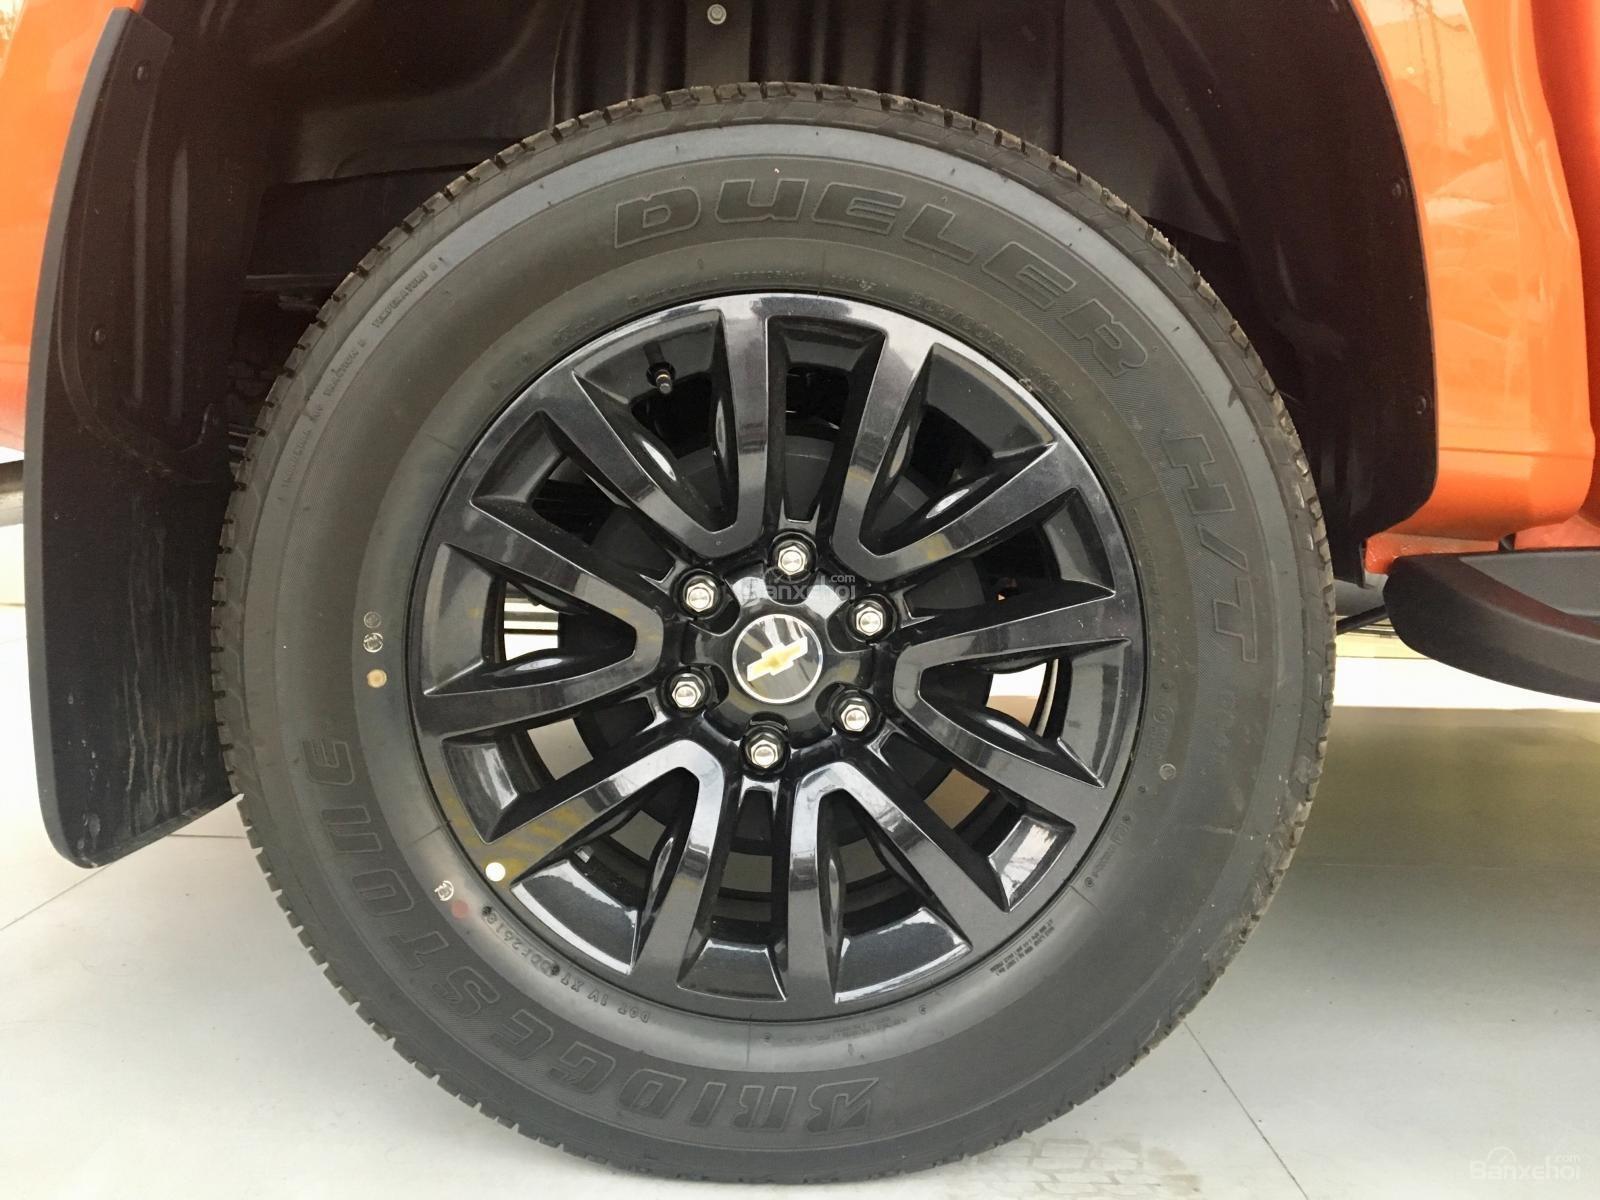 Giá xe Colorado Storm - Phiên bản đặc biệt màu cam - Tặng phụ kiện + giảm giá-8